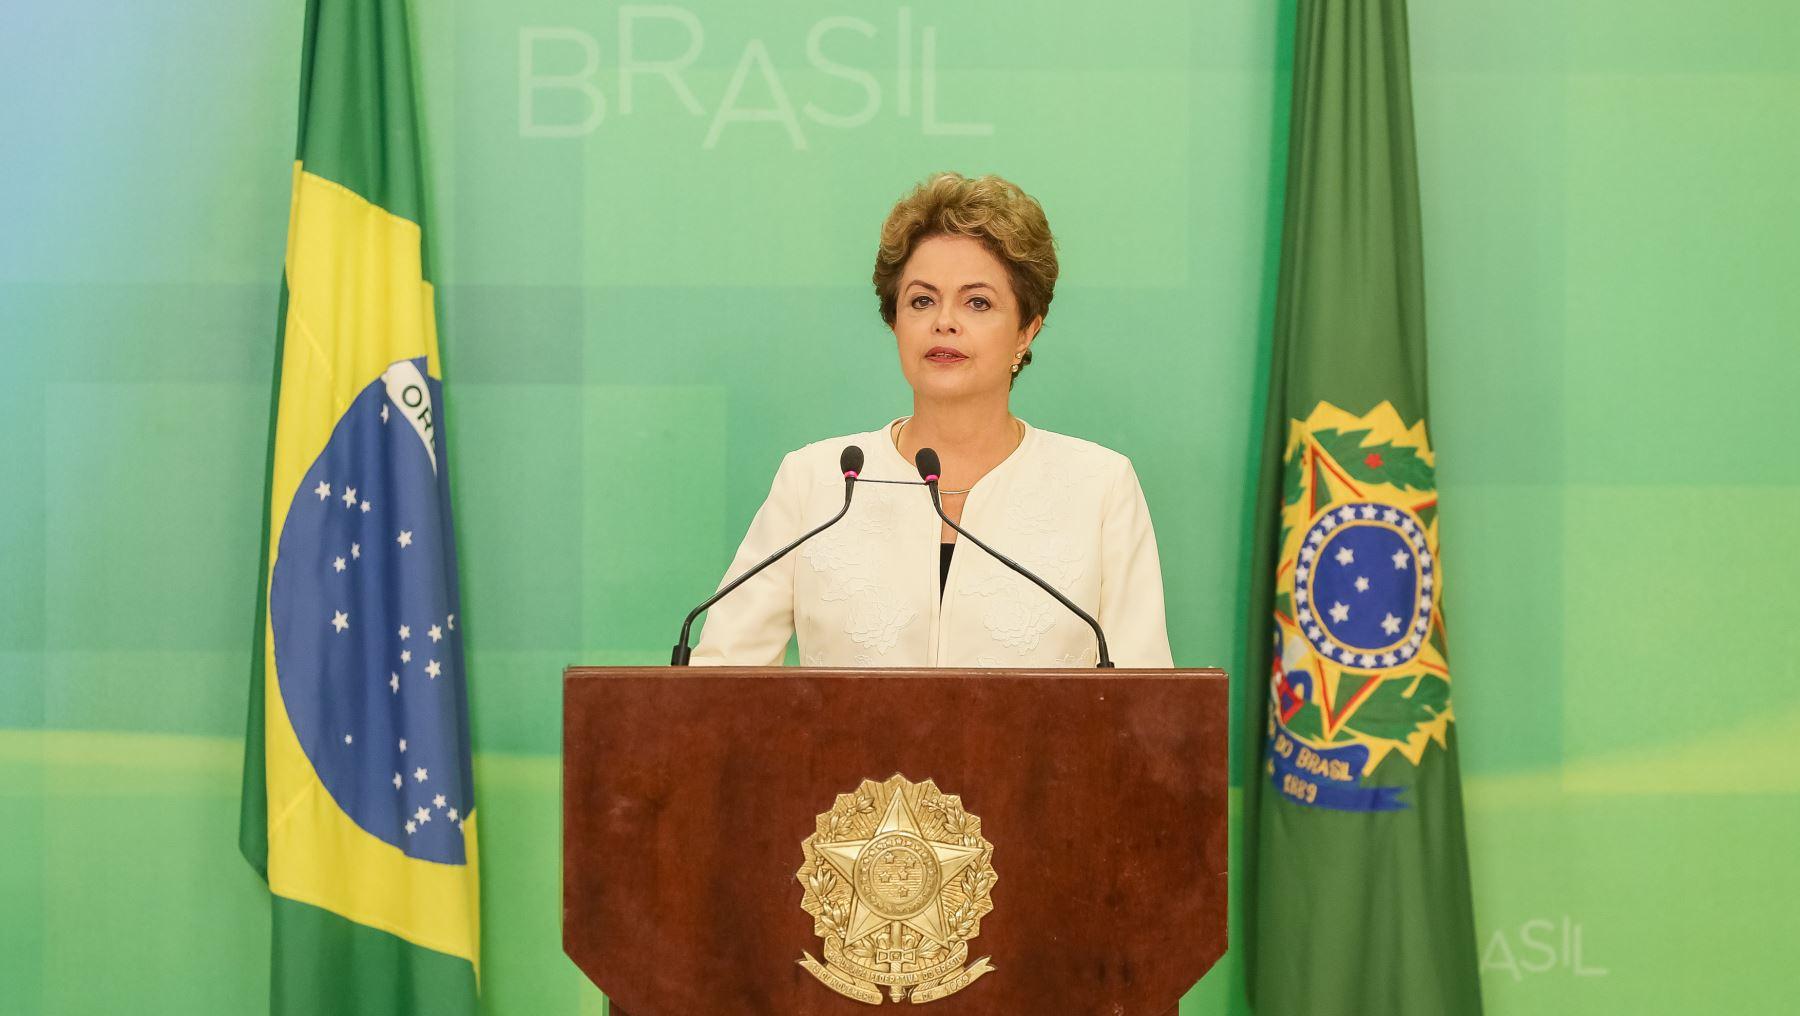 Dilma Rousseff: ¿qué consecuencias políticas tendría su impeachment?